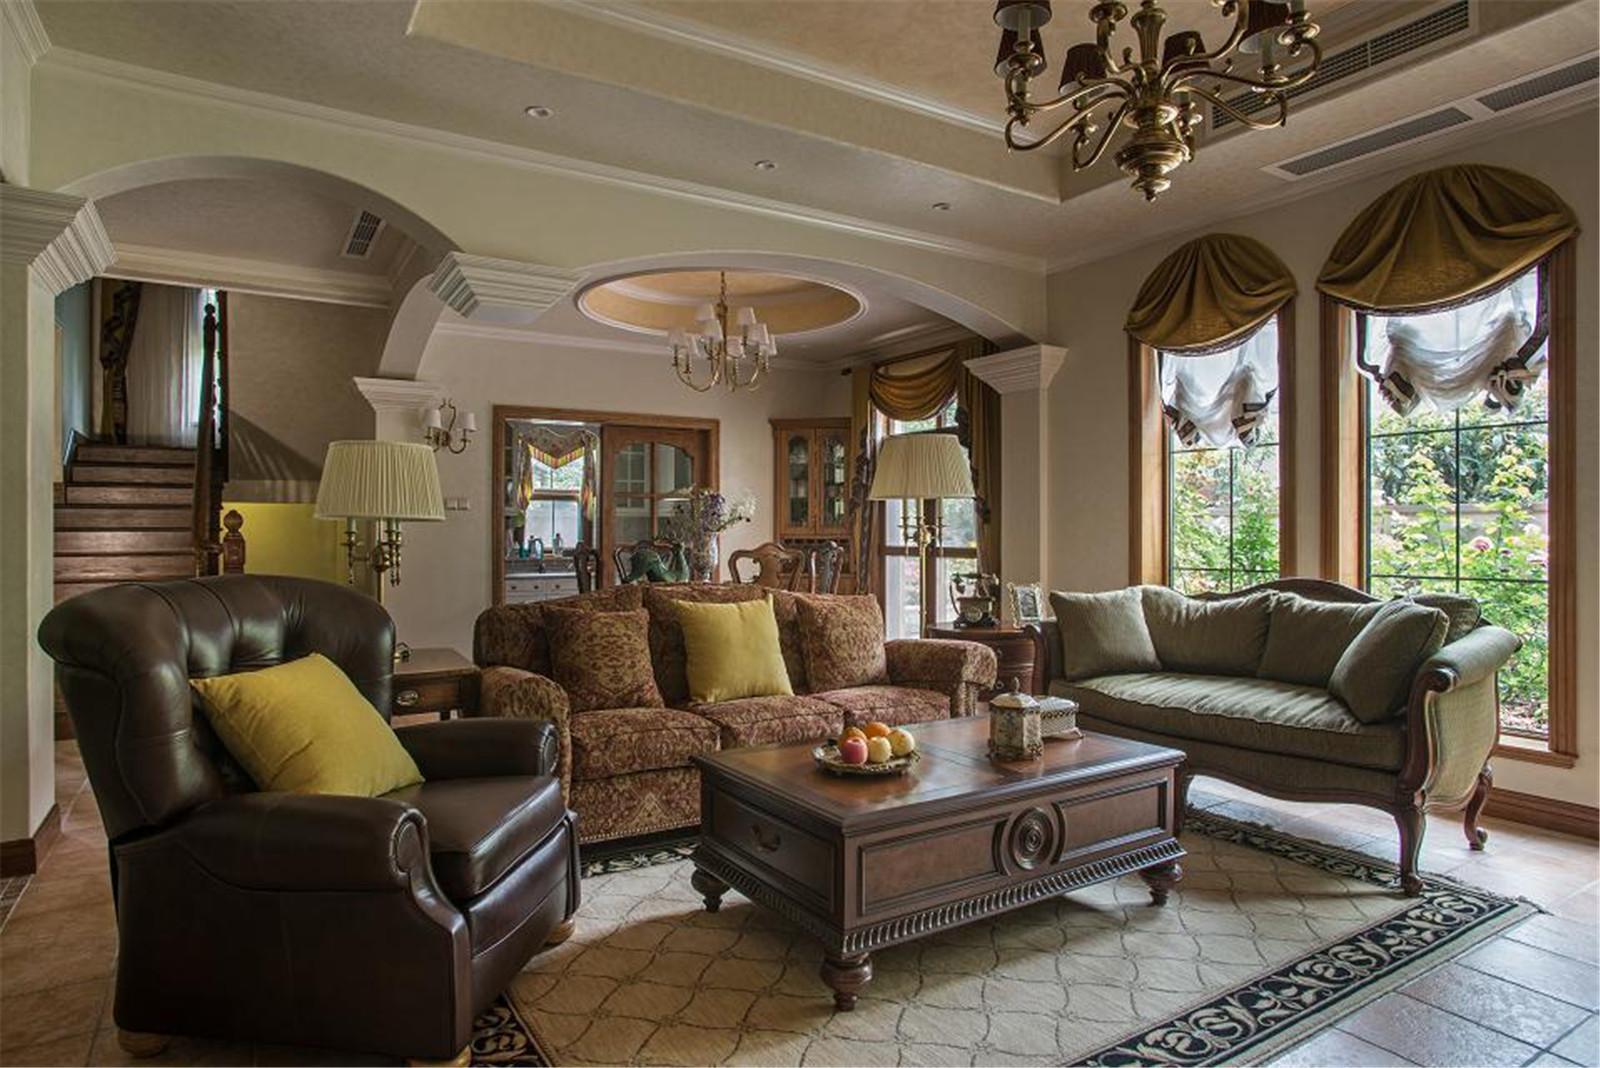 美式乡村别墅设计沙发图片